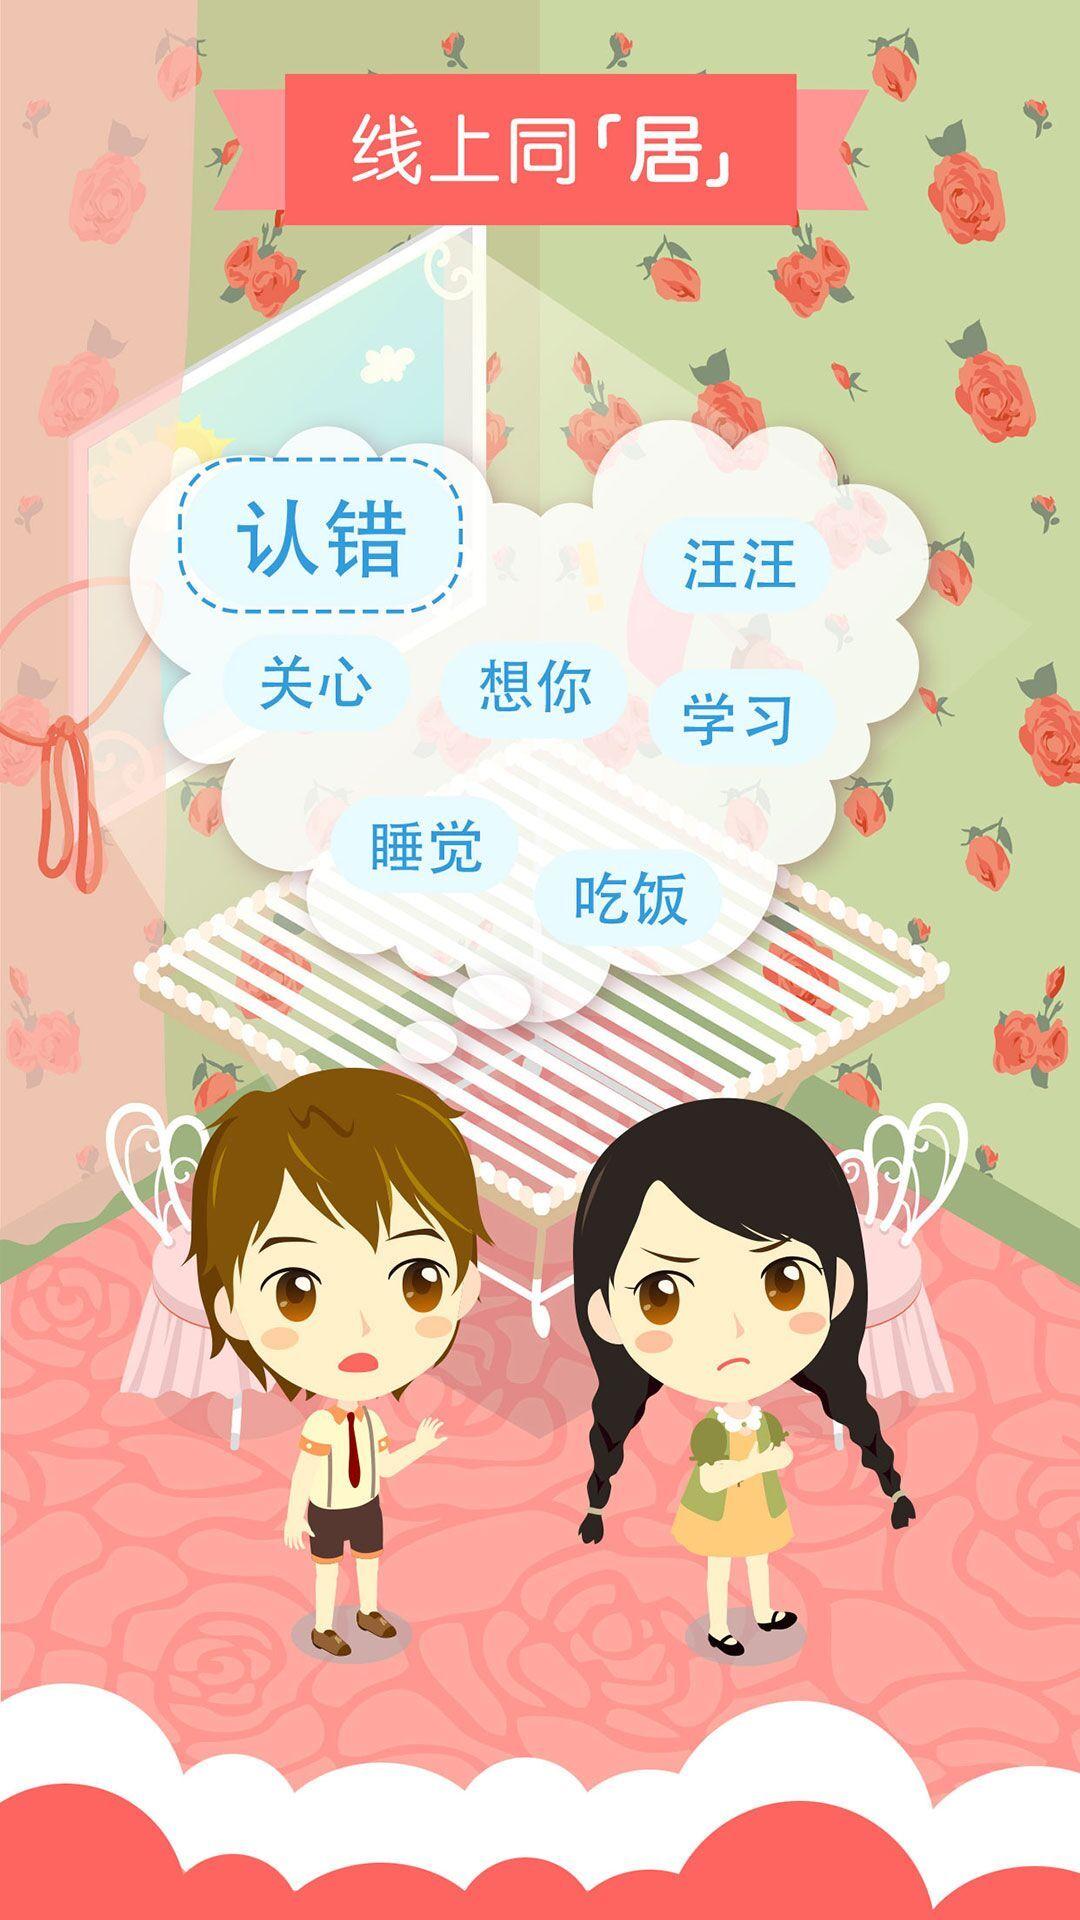 新浪微博:@想你app